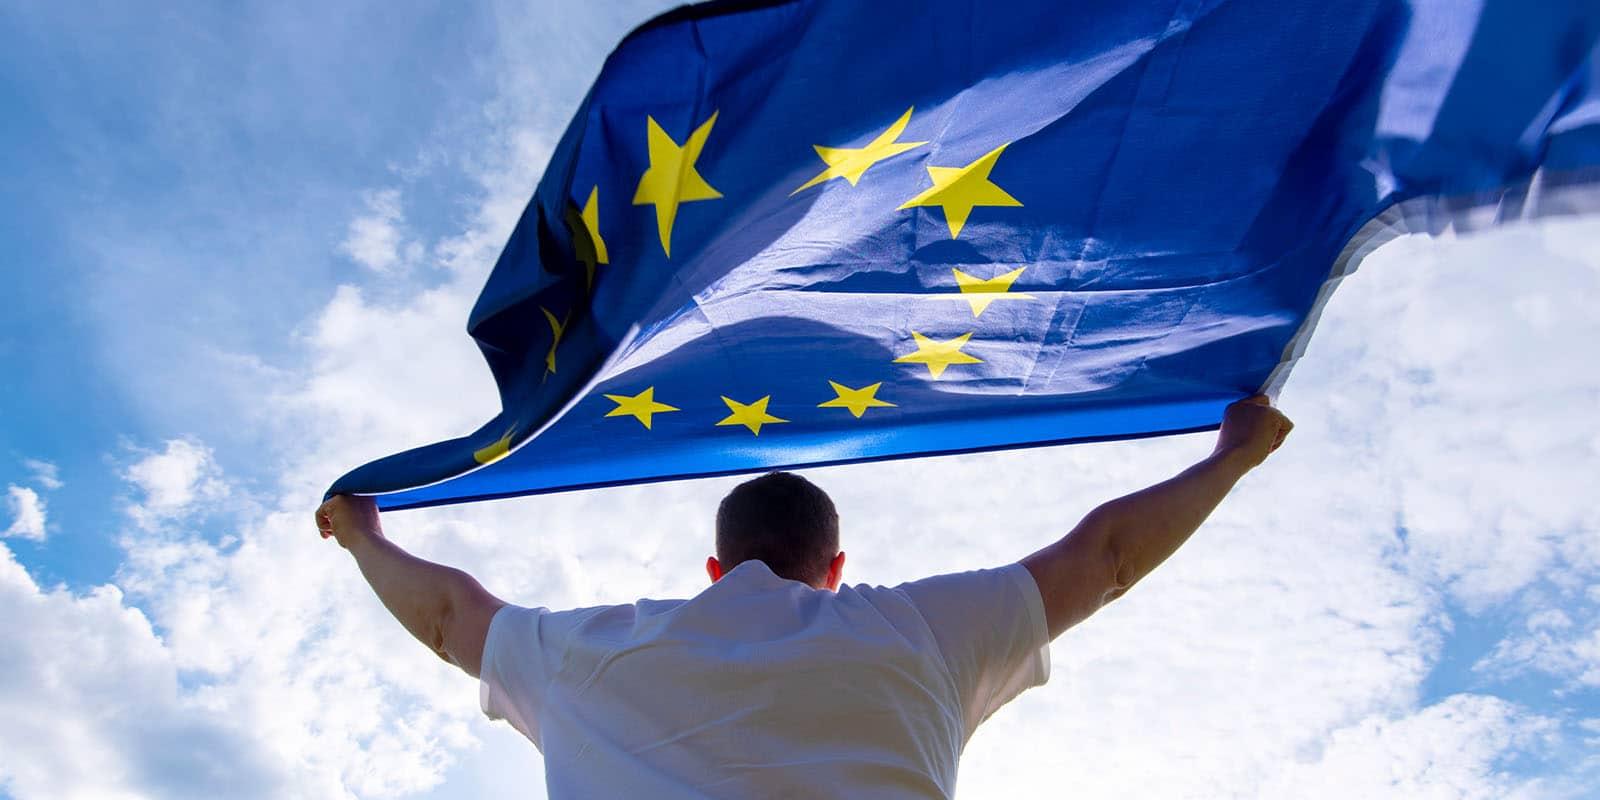 How to Get EU Citizenship Through the Portugal Golden Visa Program